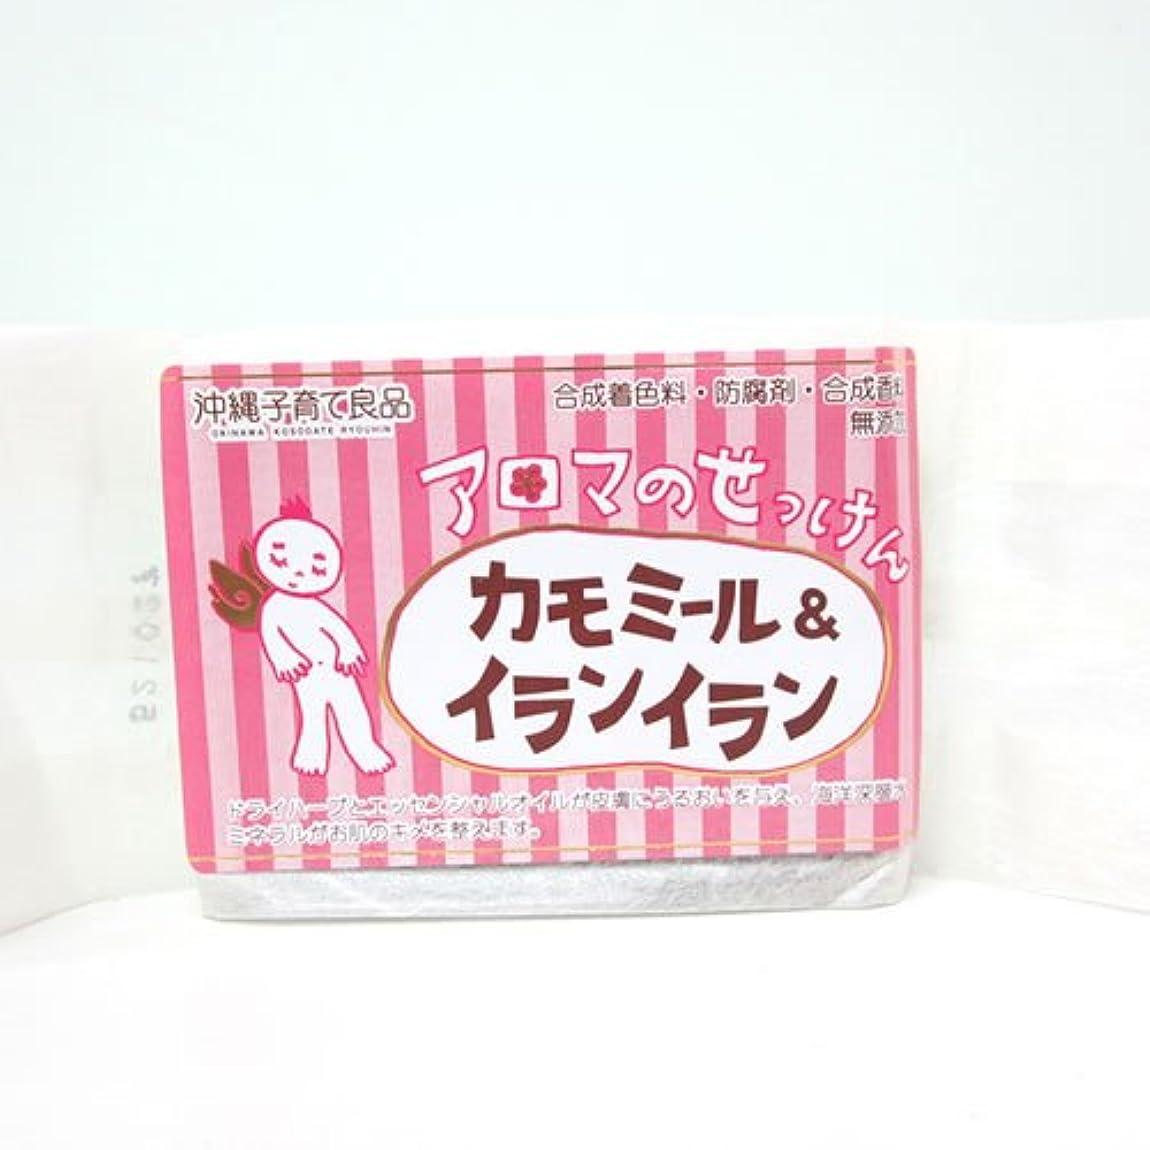 感謝またはどちらか振り返る沖縄子育て良品 アロマのせっけん カモミール (100g)